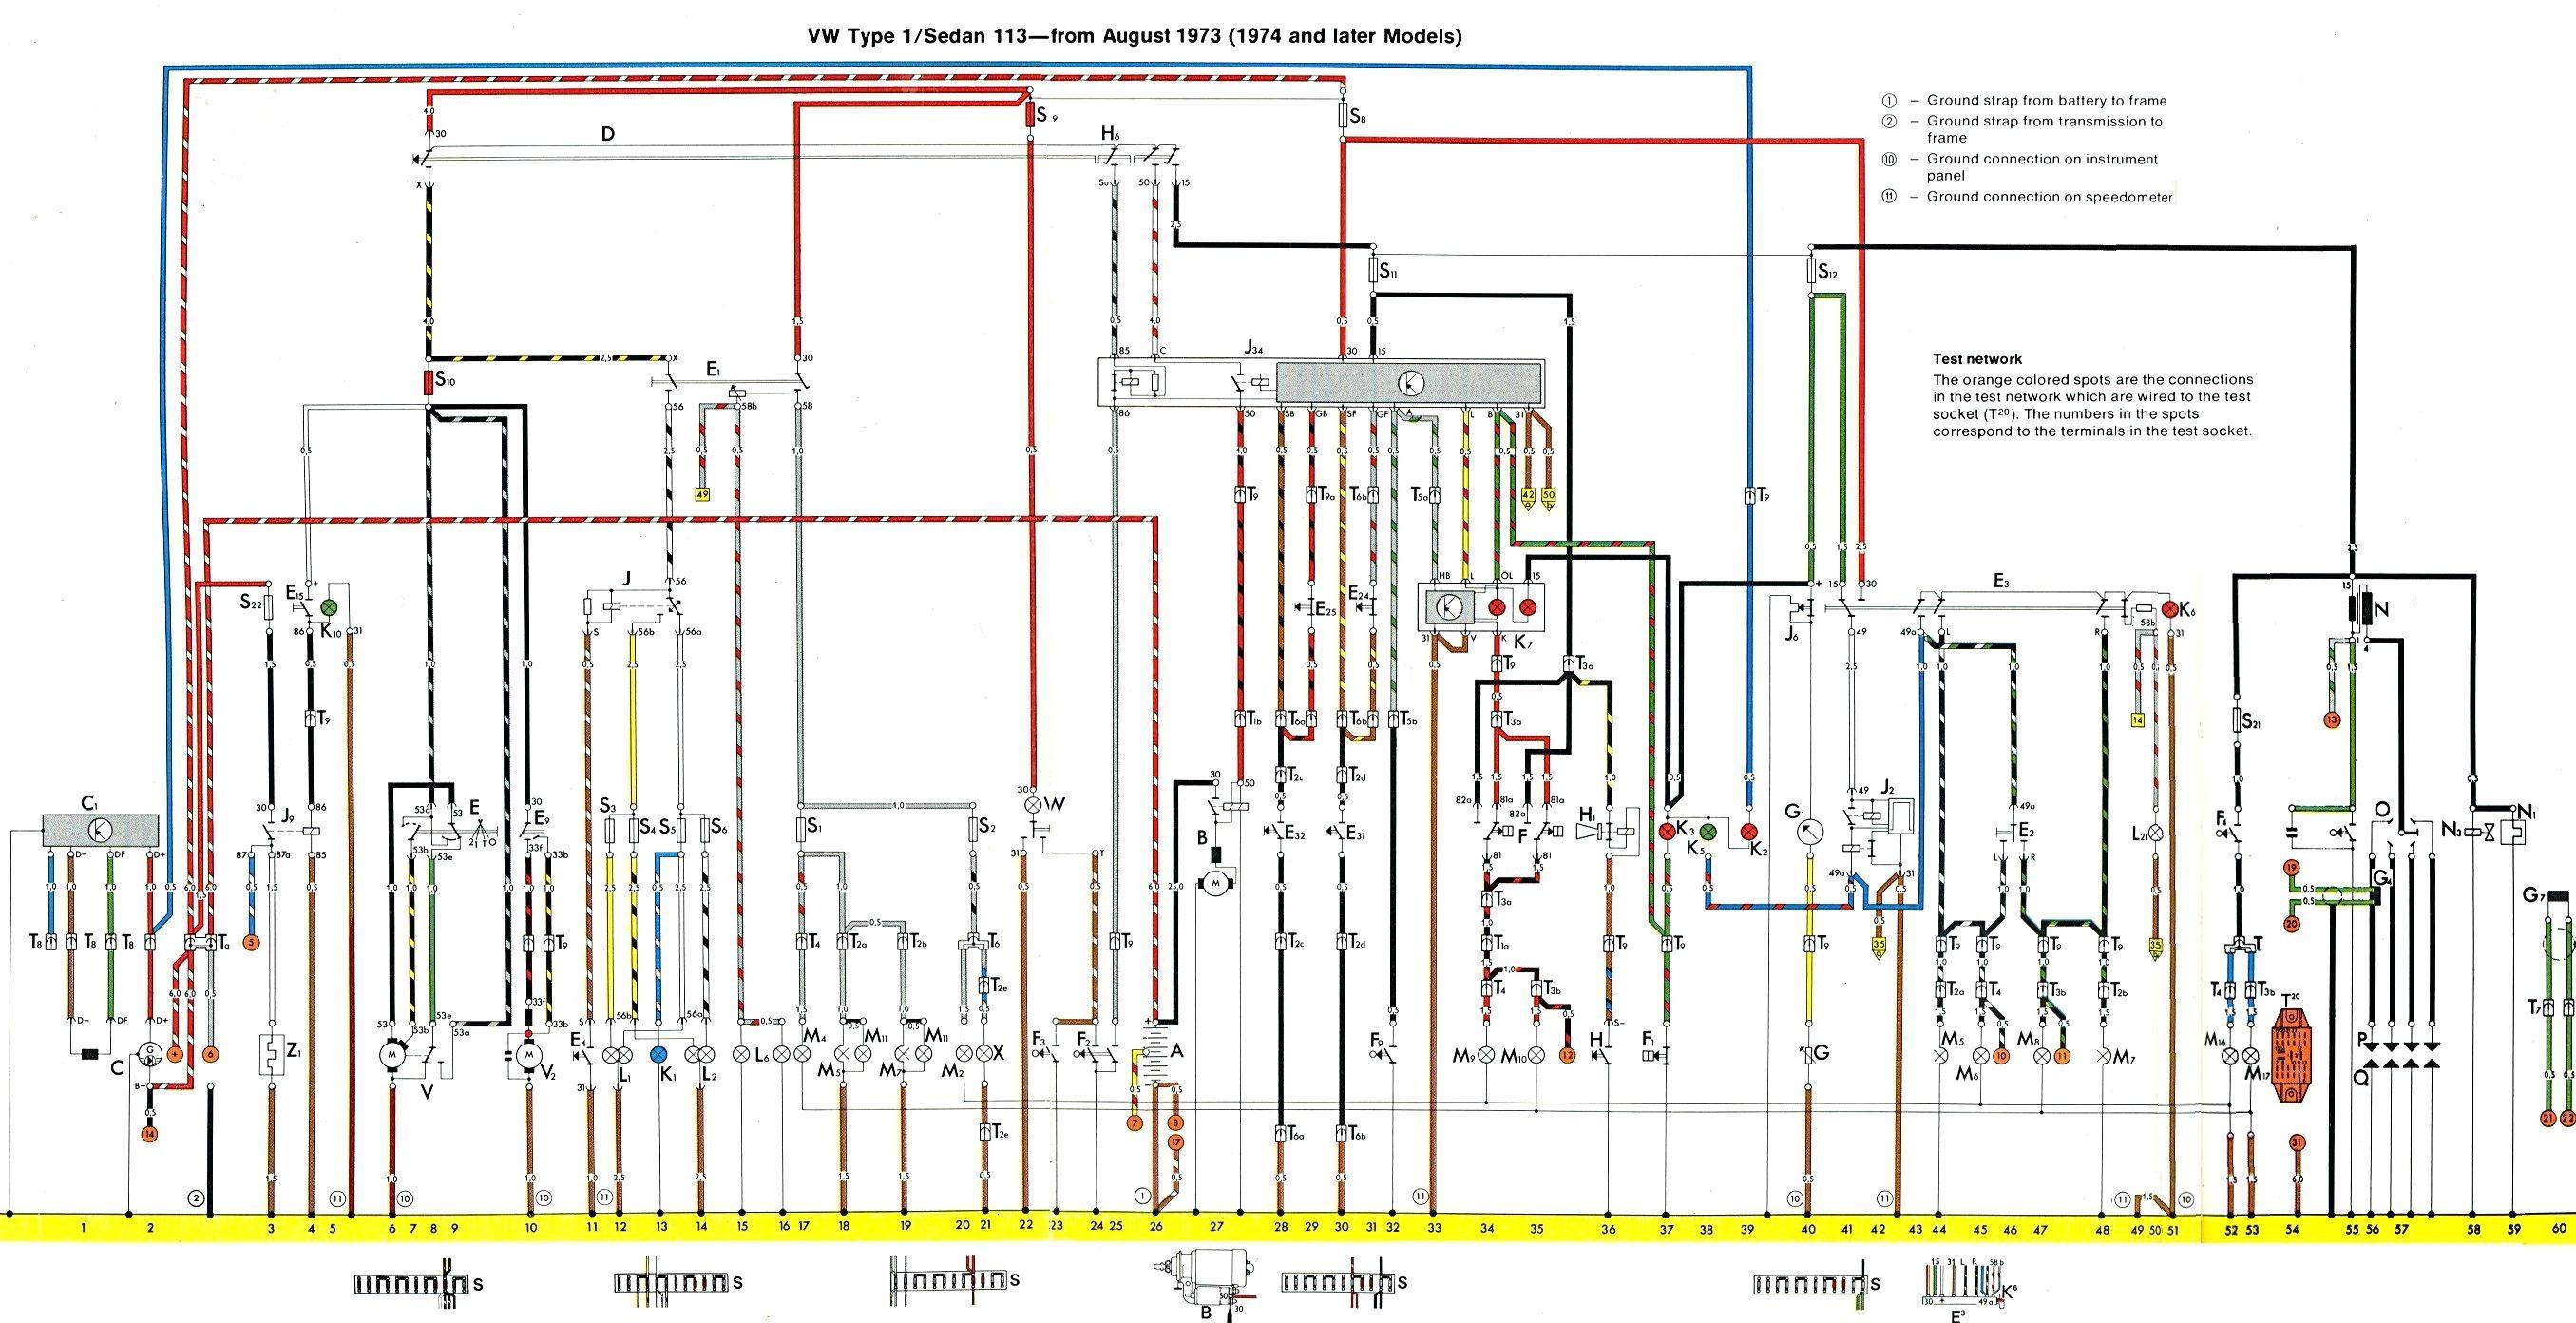 2001 Vw Beetle Wiring - Wiring Diagram Read New Beetle Headlight Wiring Diagram on